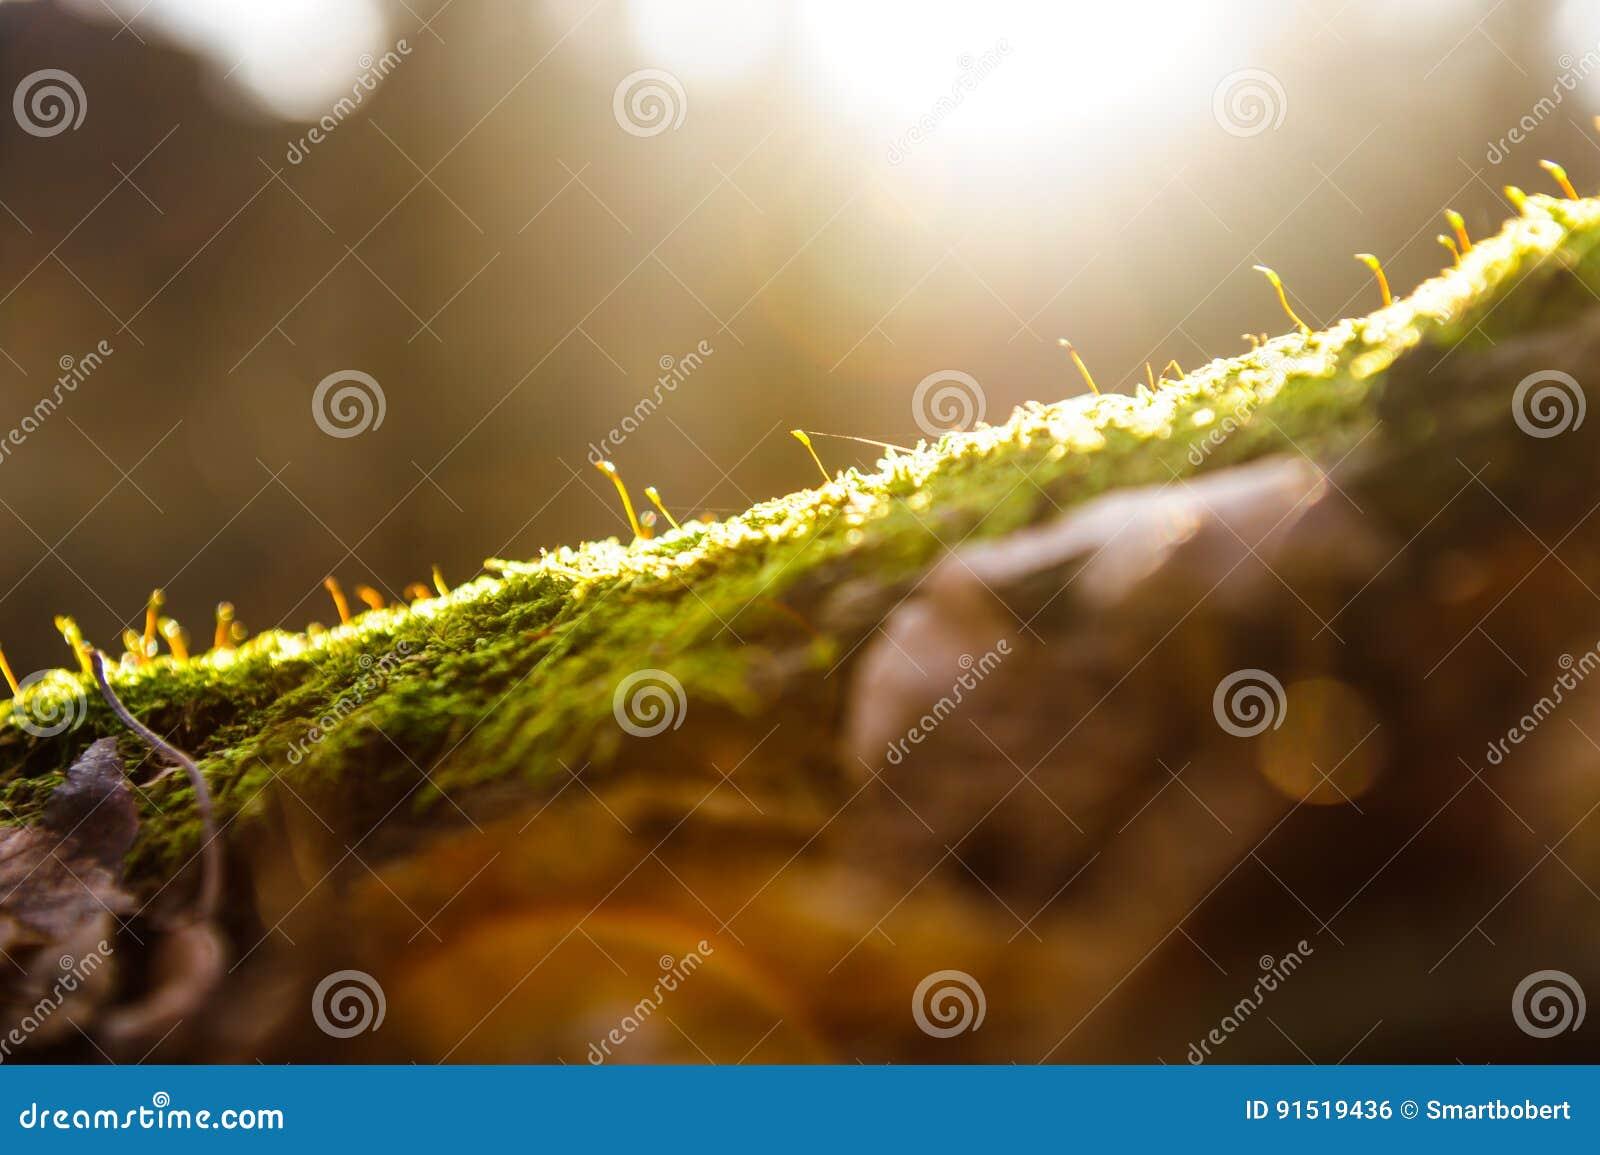 Sun irradia no musgo verde na perspectiva da floresta, efeito da luz instantâneo